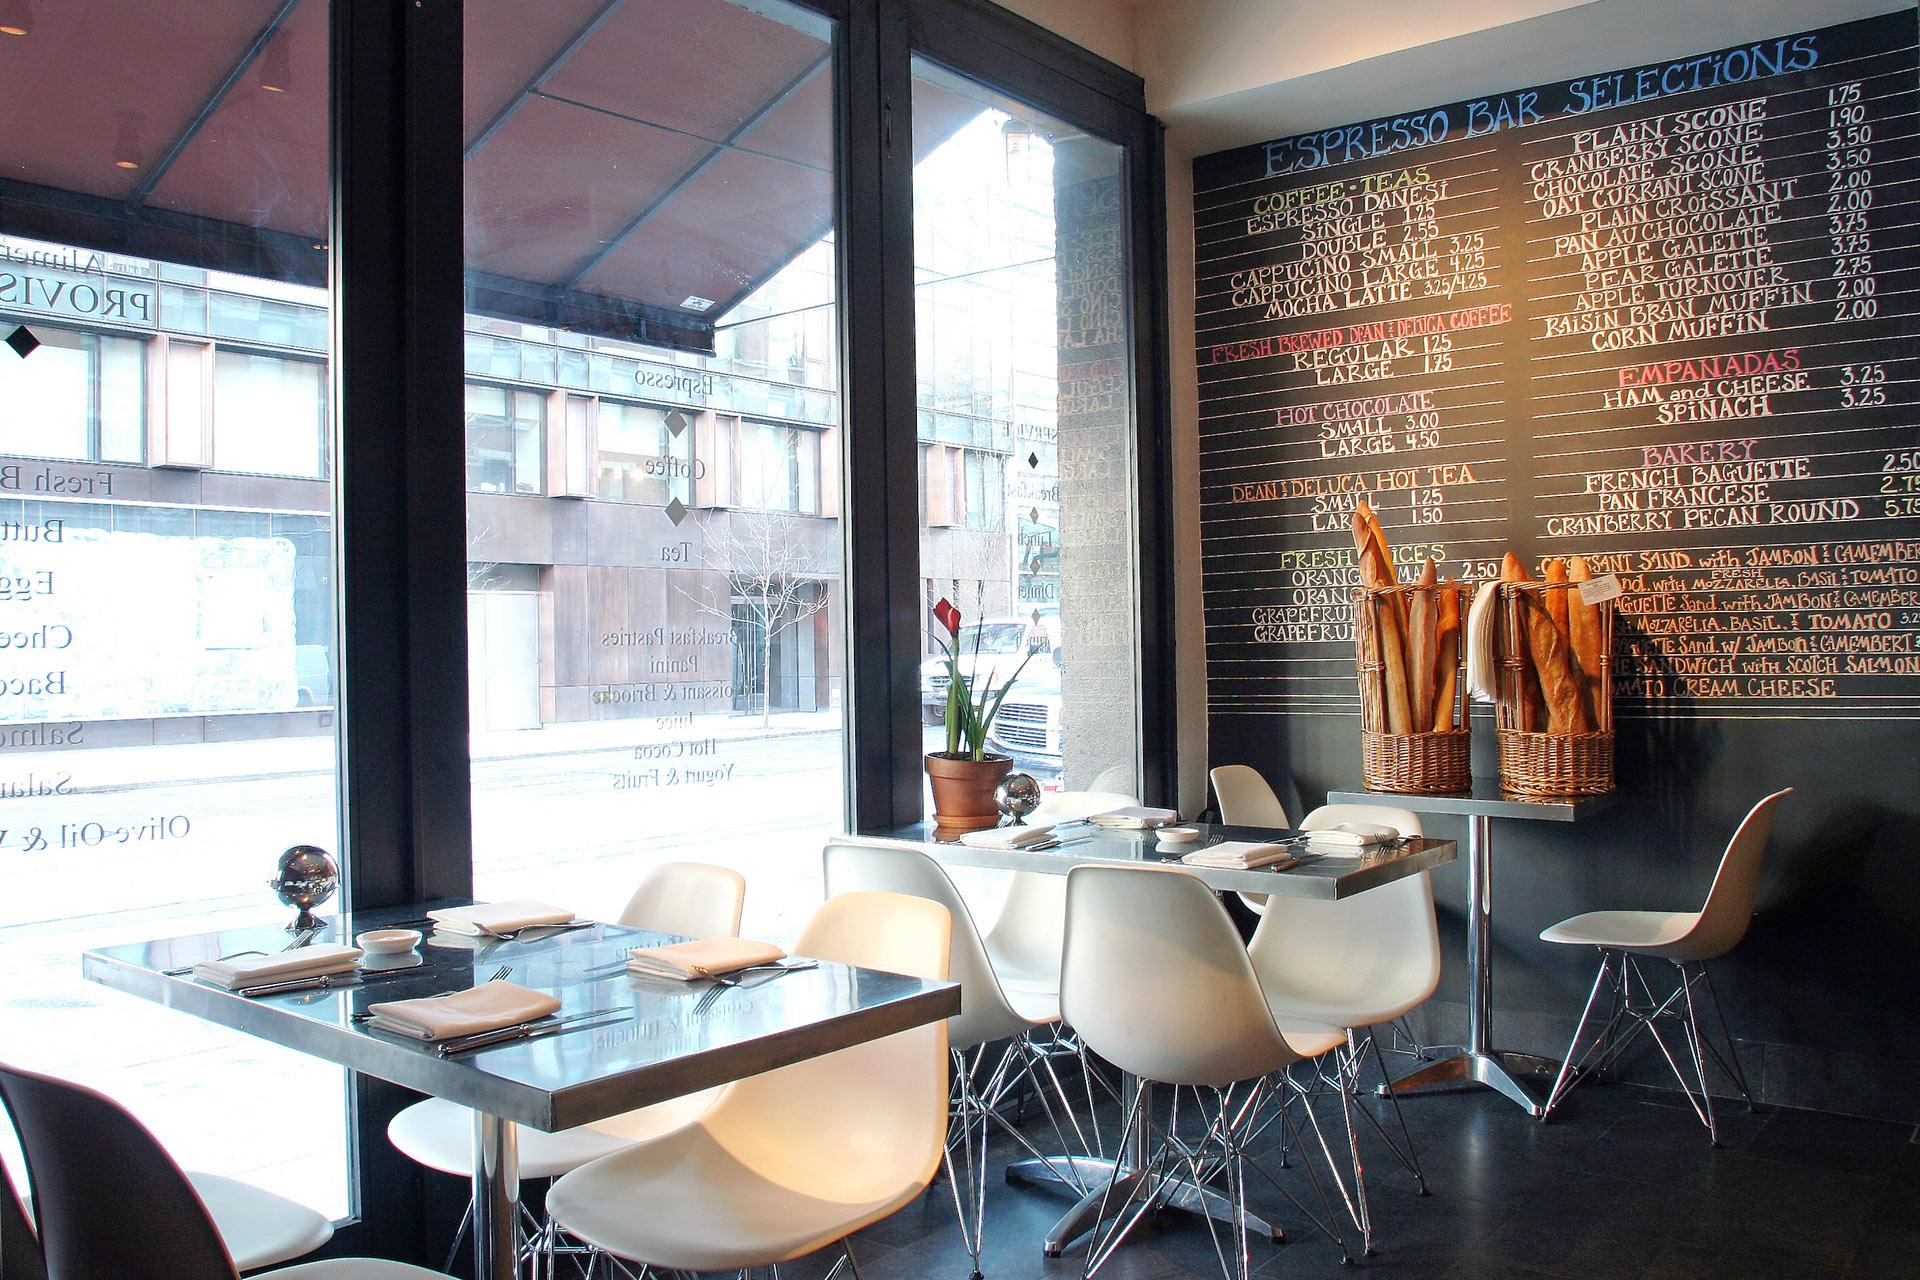 Giorgione 508 restaurant decor ideas